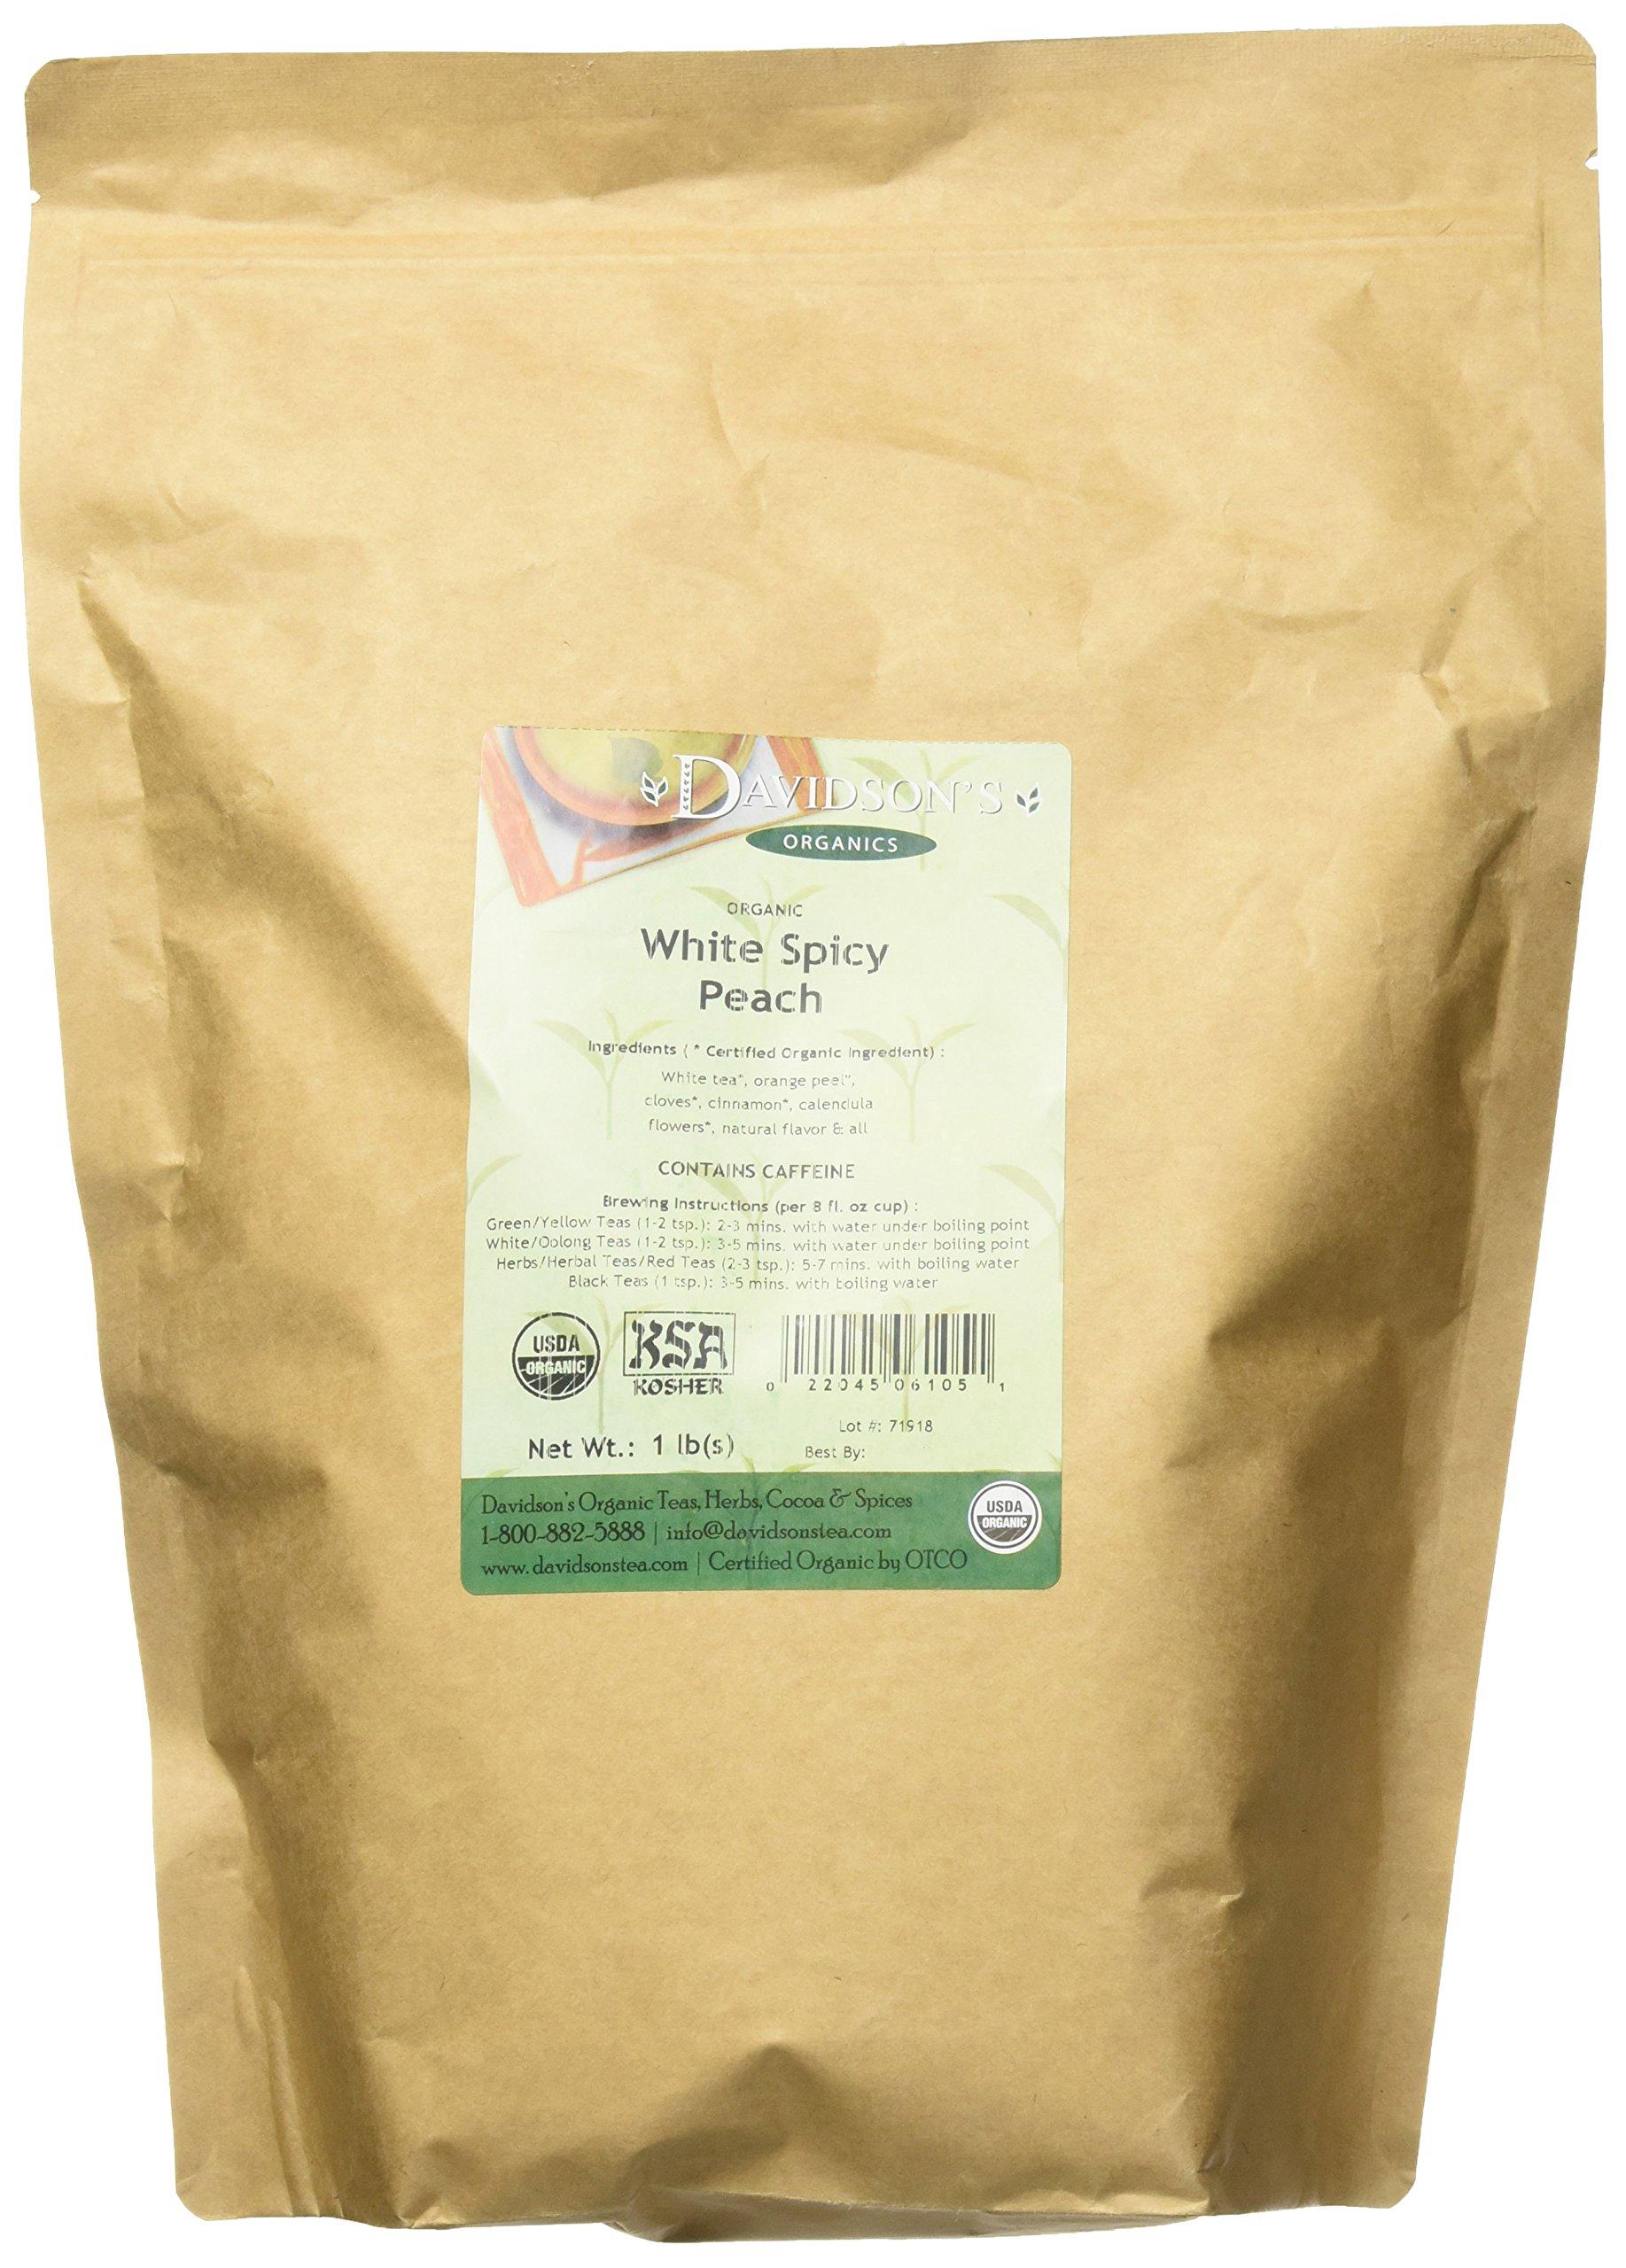 Davidson's Tea, Organic, White Spiced Peach, 16-Ounce Bag